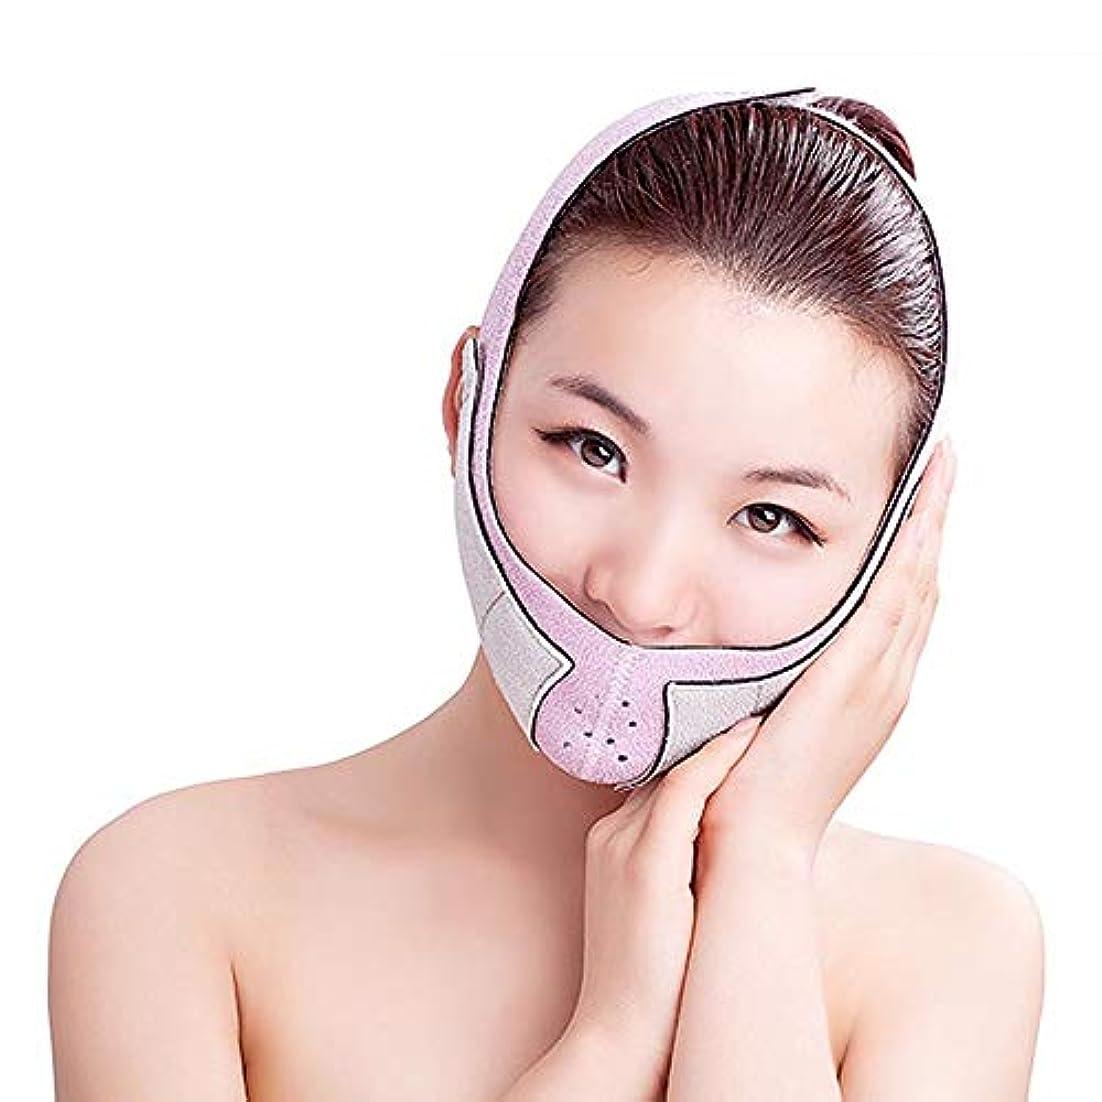 臨検受信機計算可能薄い顔のベルト - 薄い顔のベルト通気性の補正3D薄い顔のV顔のベルトの包帯薄い顔のアーティファクト (色 : B)